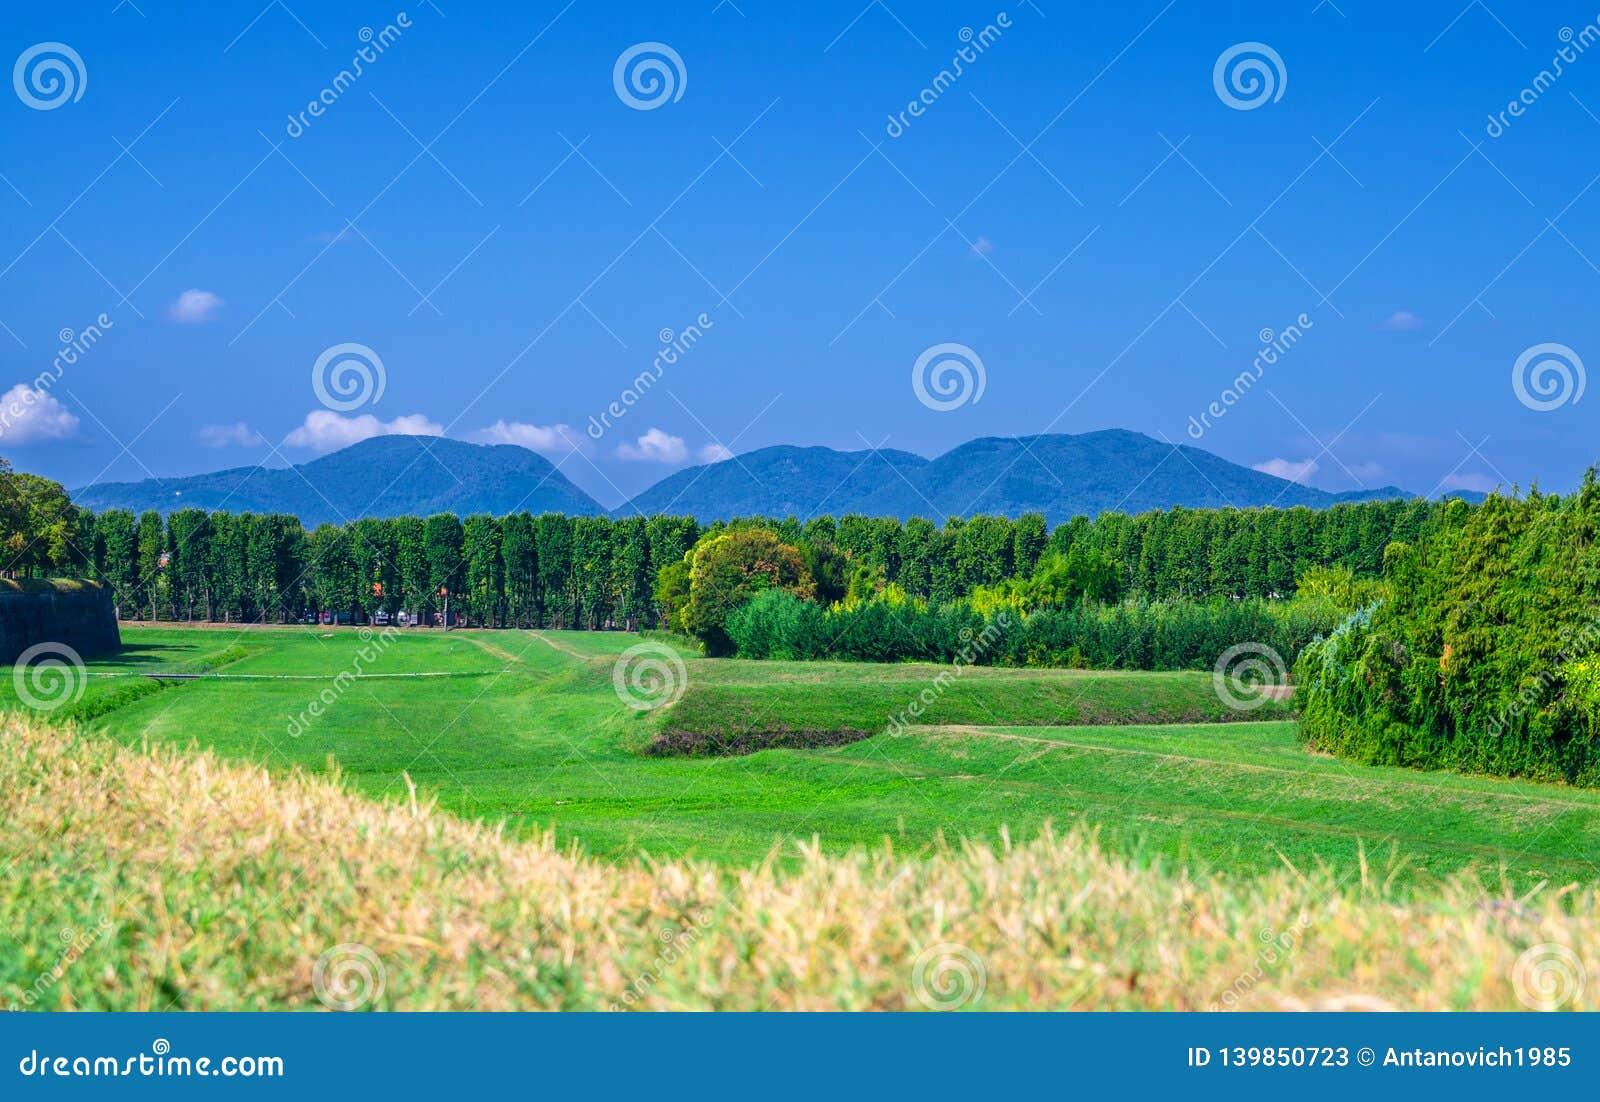 Η άποψη του πράσινου τομέα χλόης, τα δέντρα και οι λόφοι και τα βουνά της Τοσκάνης με το σαφές αντίγραφο μπλε ουρανού χωρίζουν κα